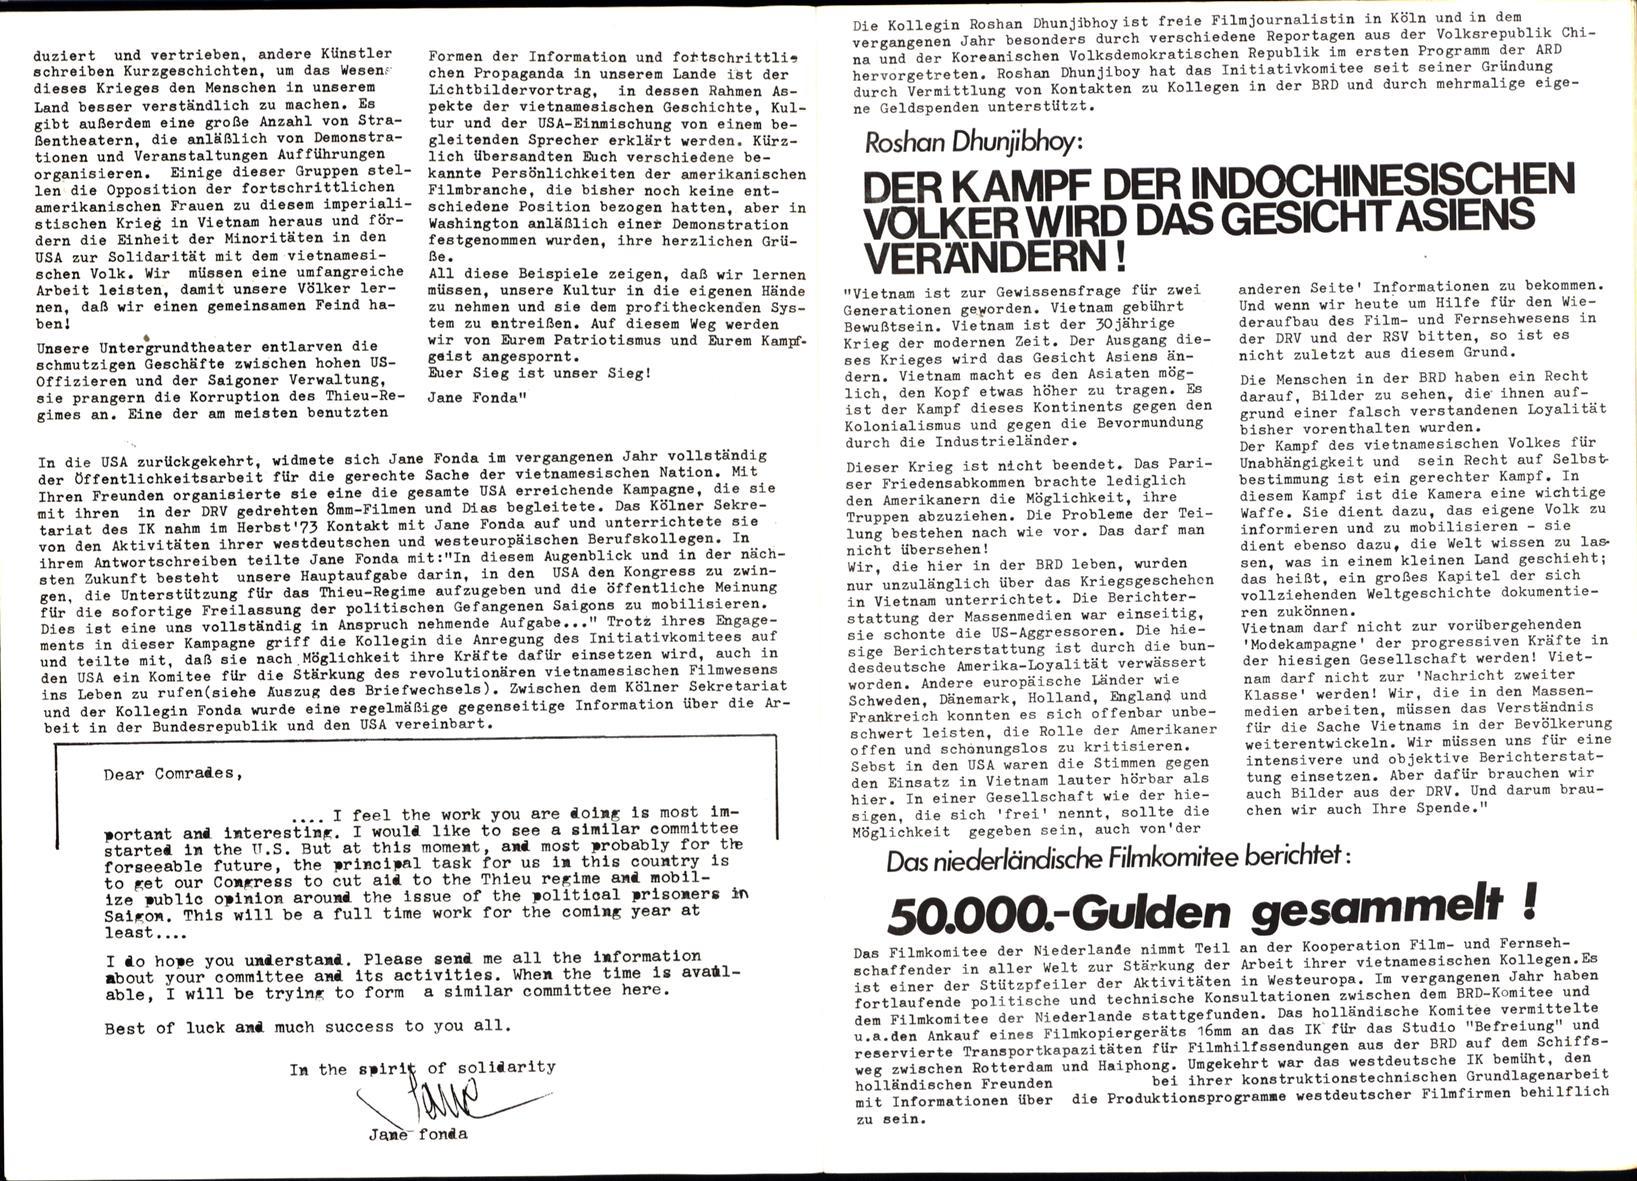 IK_Filmwesen_Bulletin_19740100_005_006_005